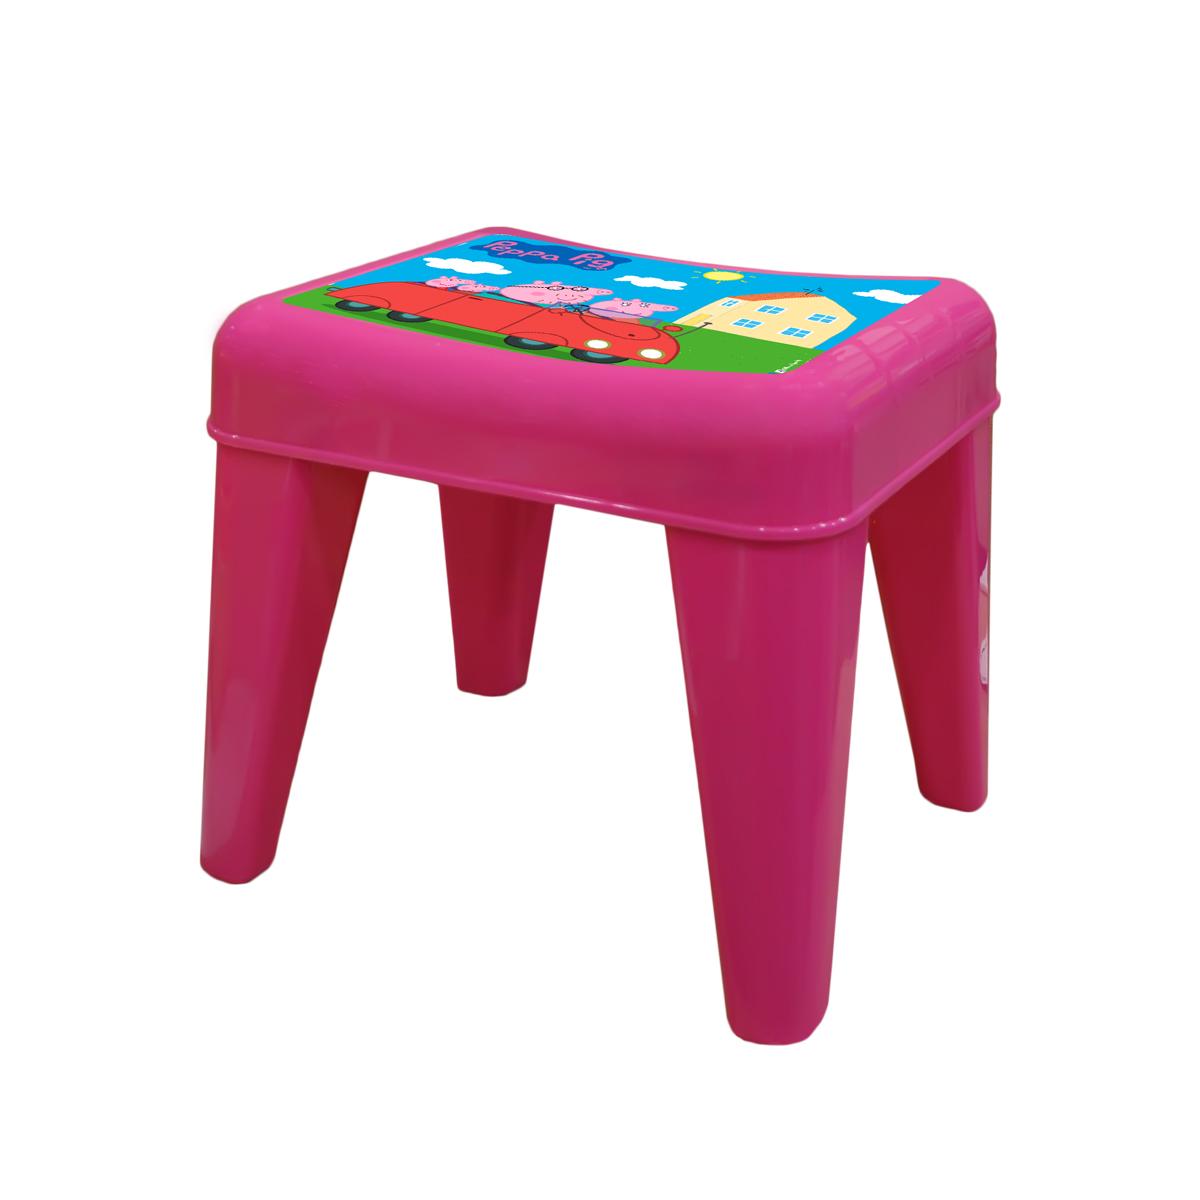 Табурет детский Little Angel Свинка Пеппа. Я расту, цвет: розовыйLA4522РРРЗМебель «Я расту» – это сбывшаяся мечта! Функциональная, яркая, безопасная и очень привлекательная мебель эксклюзивного дизайна. Уникальный декор мебели включает обучающие элементы - с ними малыш легко выучит английский алфавит, цифры а также научится определять время. Преимущества: эксклюзивные декоры с любимыми героями; закругленные углы для безопасности малыша; противоскользящие накладки для безопасного использования на любой поверхности; особо прочная конструкция ножек для надежной и безопасной эксплуатации; выдерживает статическую нагрузку до 100 кг. для стола и до 180 кг. для стула и табурета.